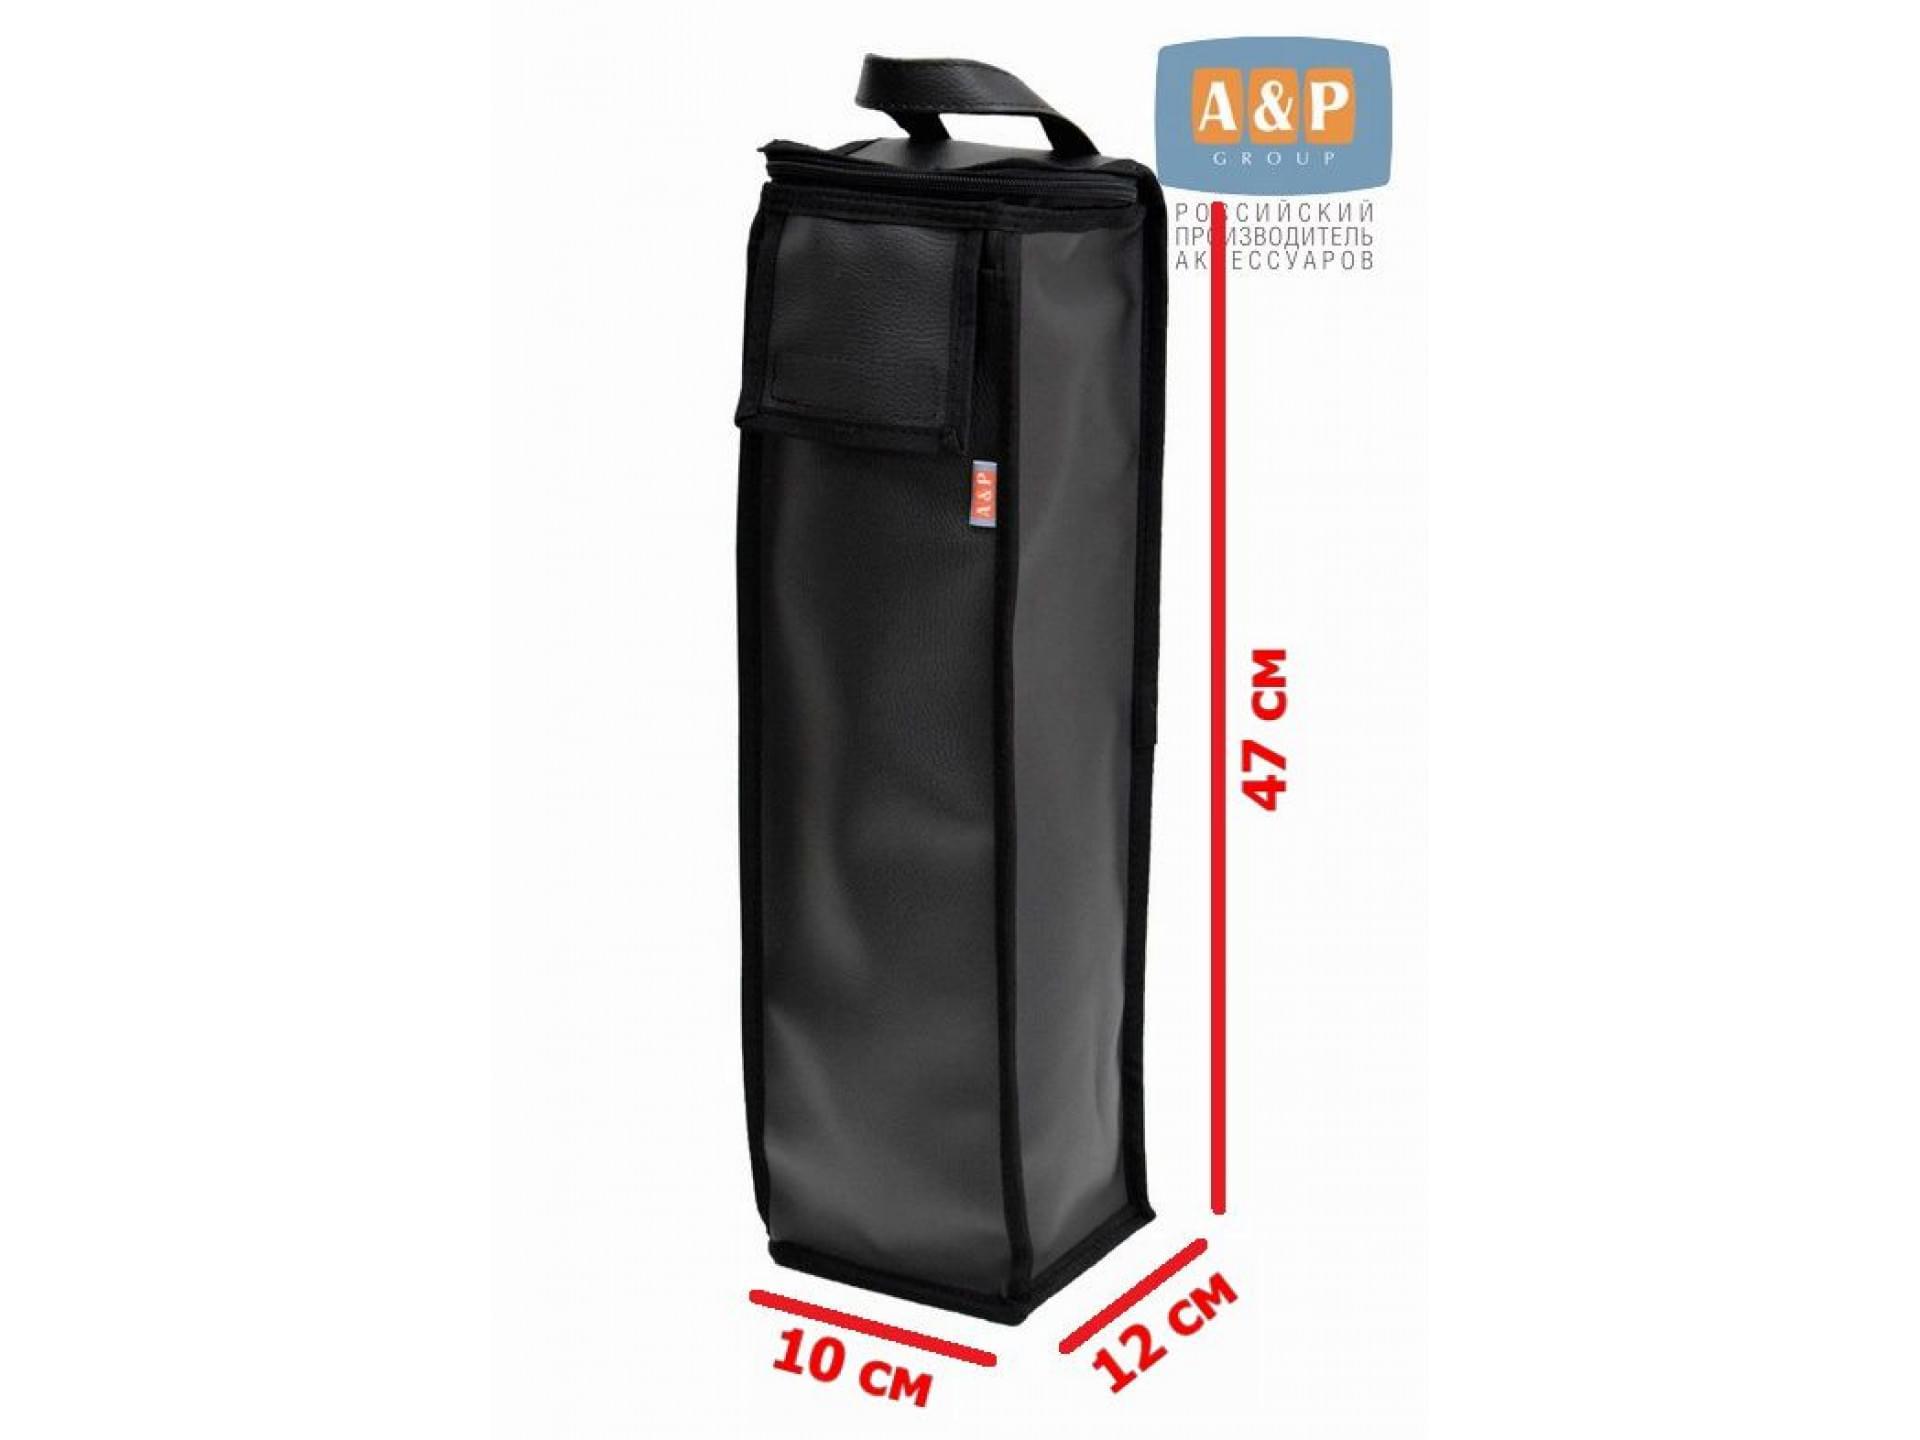 Сумка для домкрата или ножного насоса. Размеры 47х12х10 см. Материал – искусственная кожа